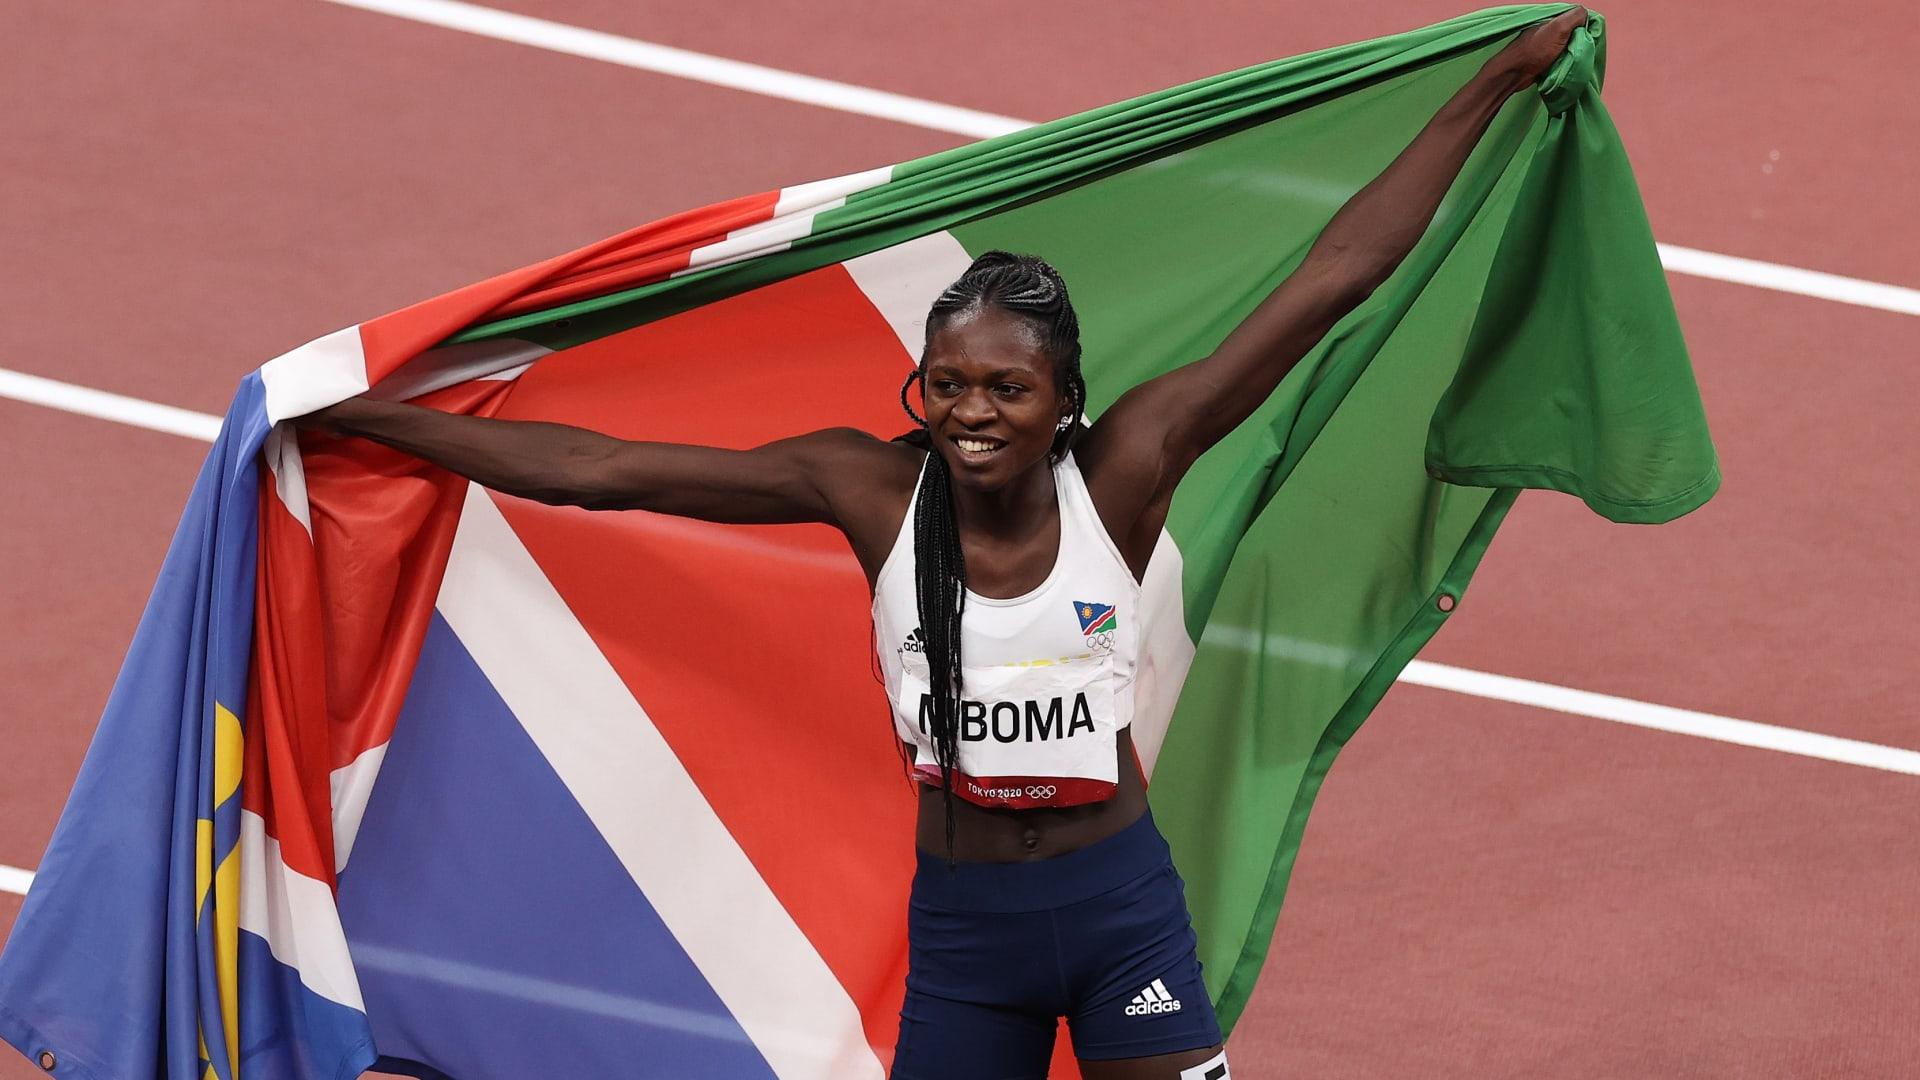 Christine Mboma de Namibia se lleva el título mundial Sub-20 de los 200 metros